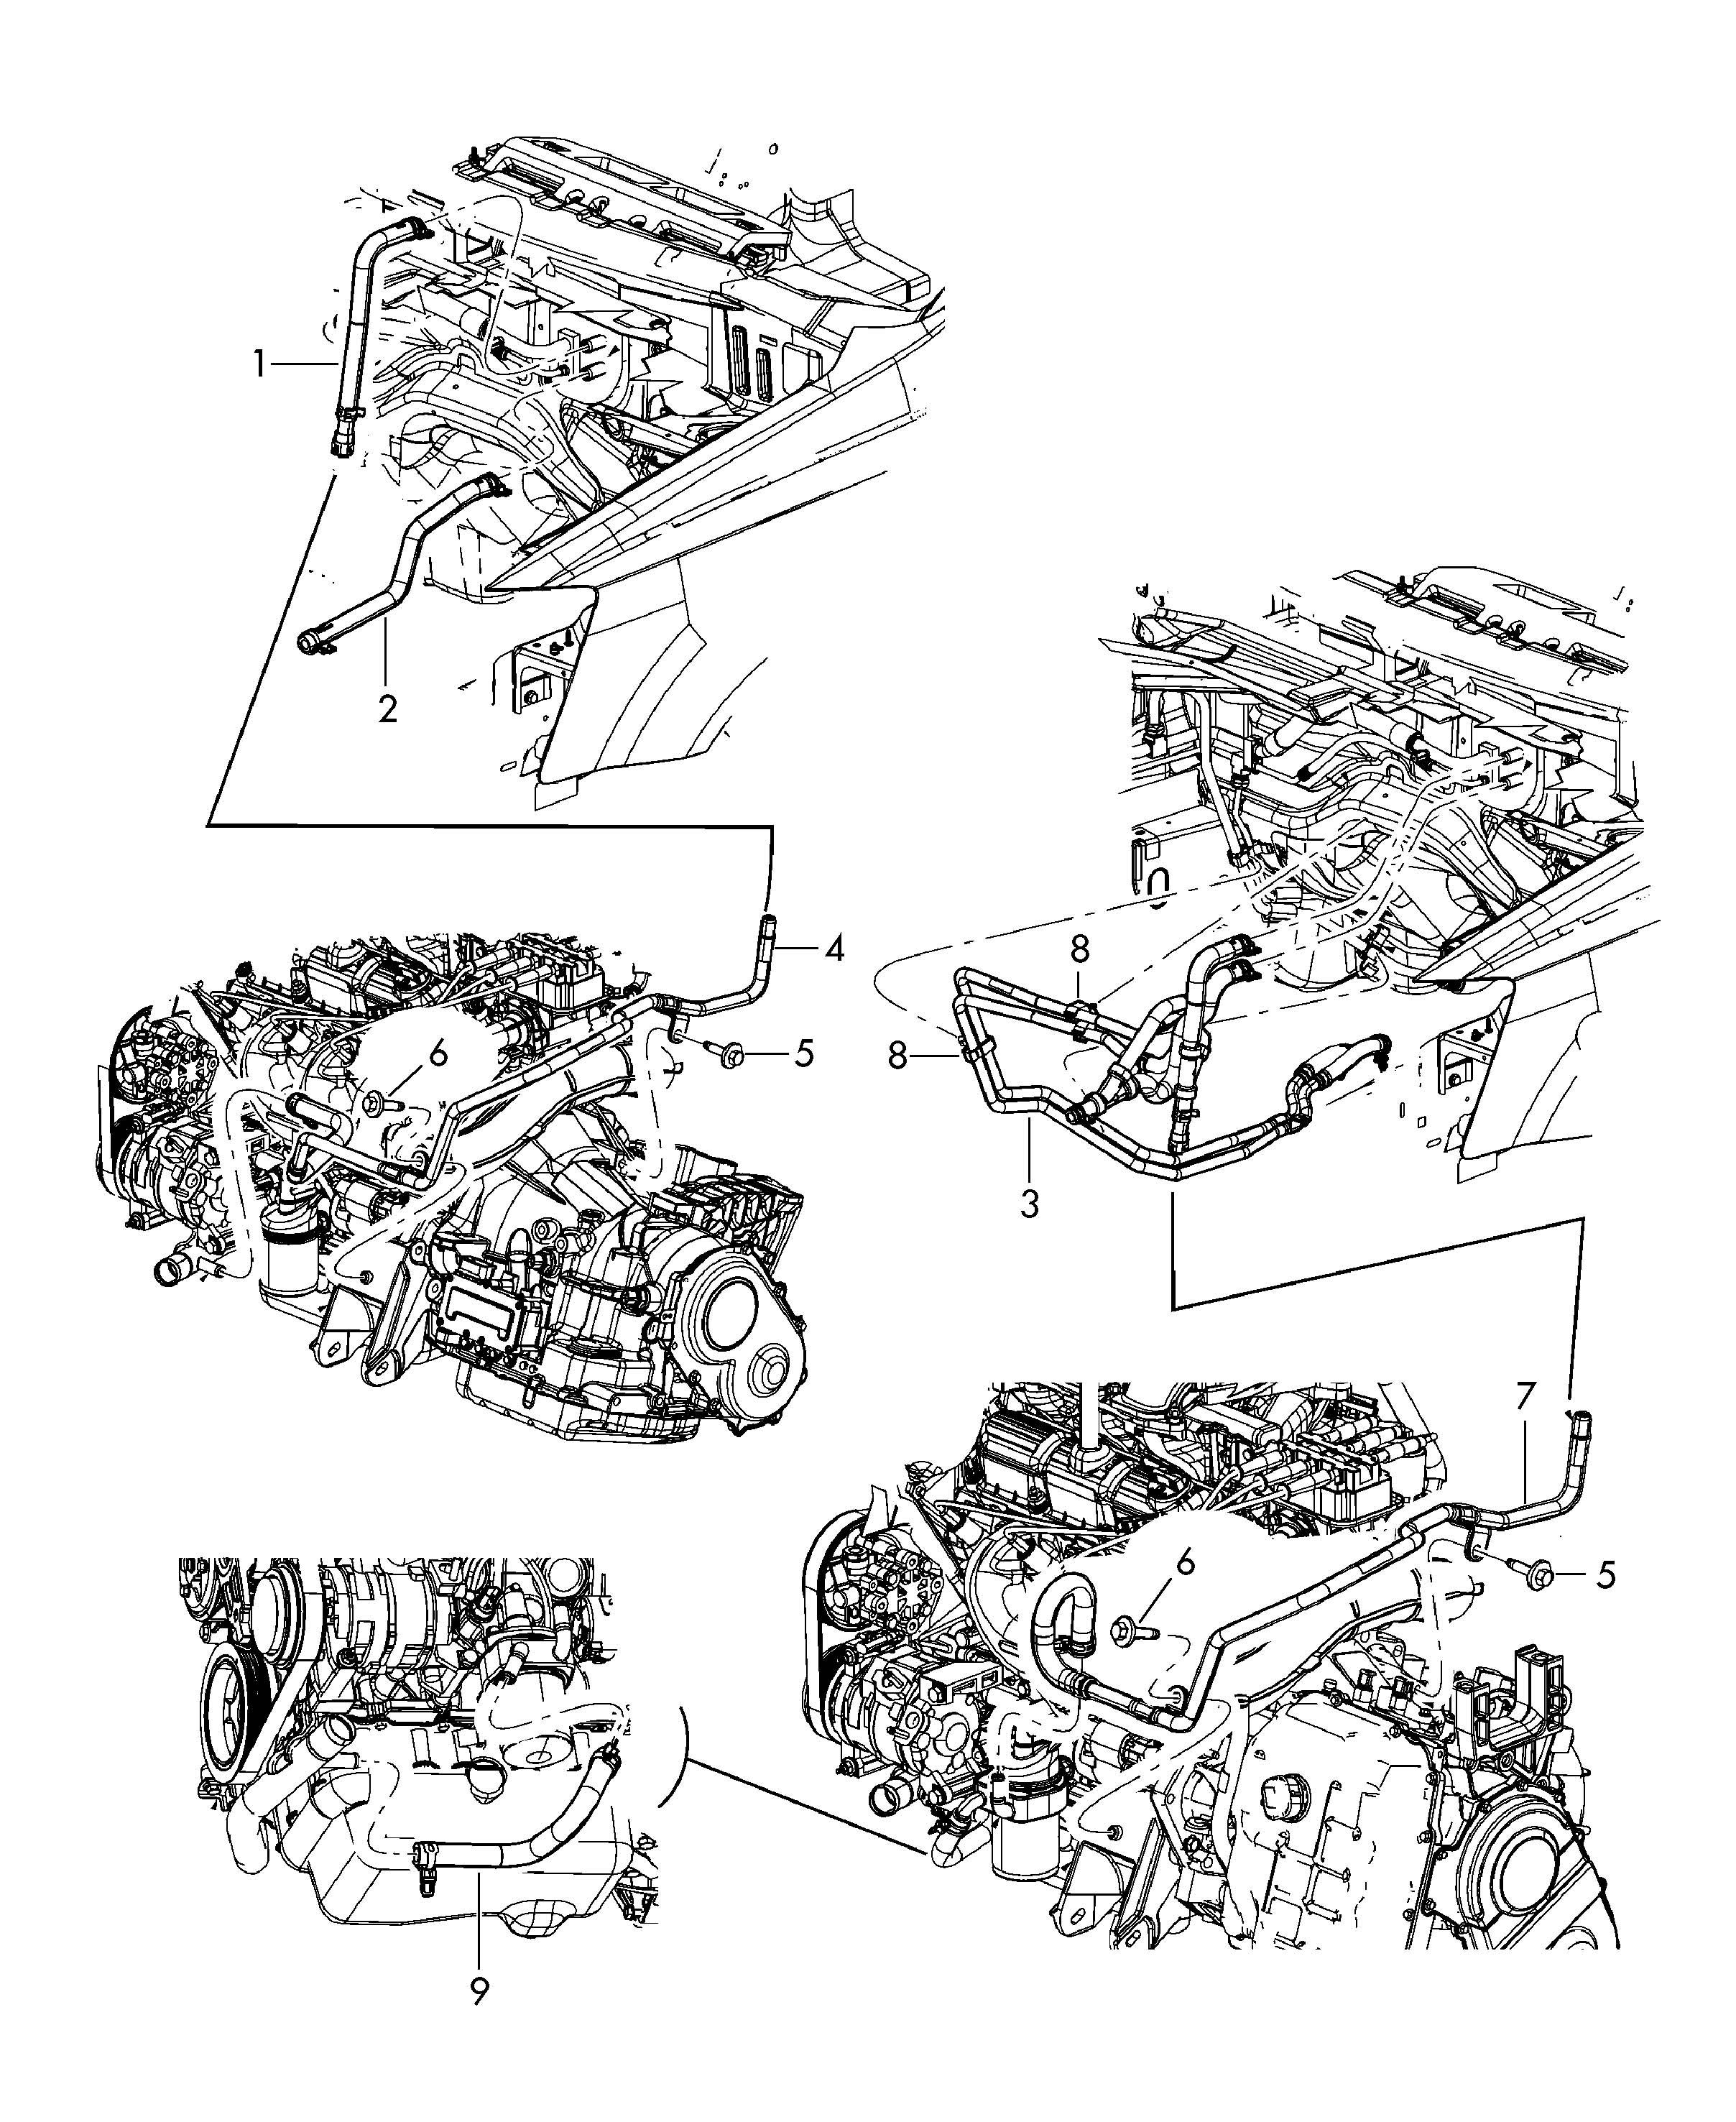 Volkswagen Vw Routan Heater Hose Heater Pipe 3 8ltr